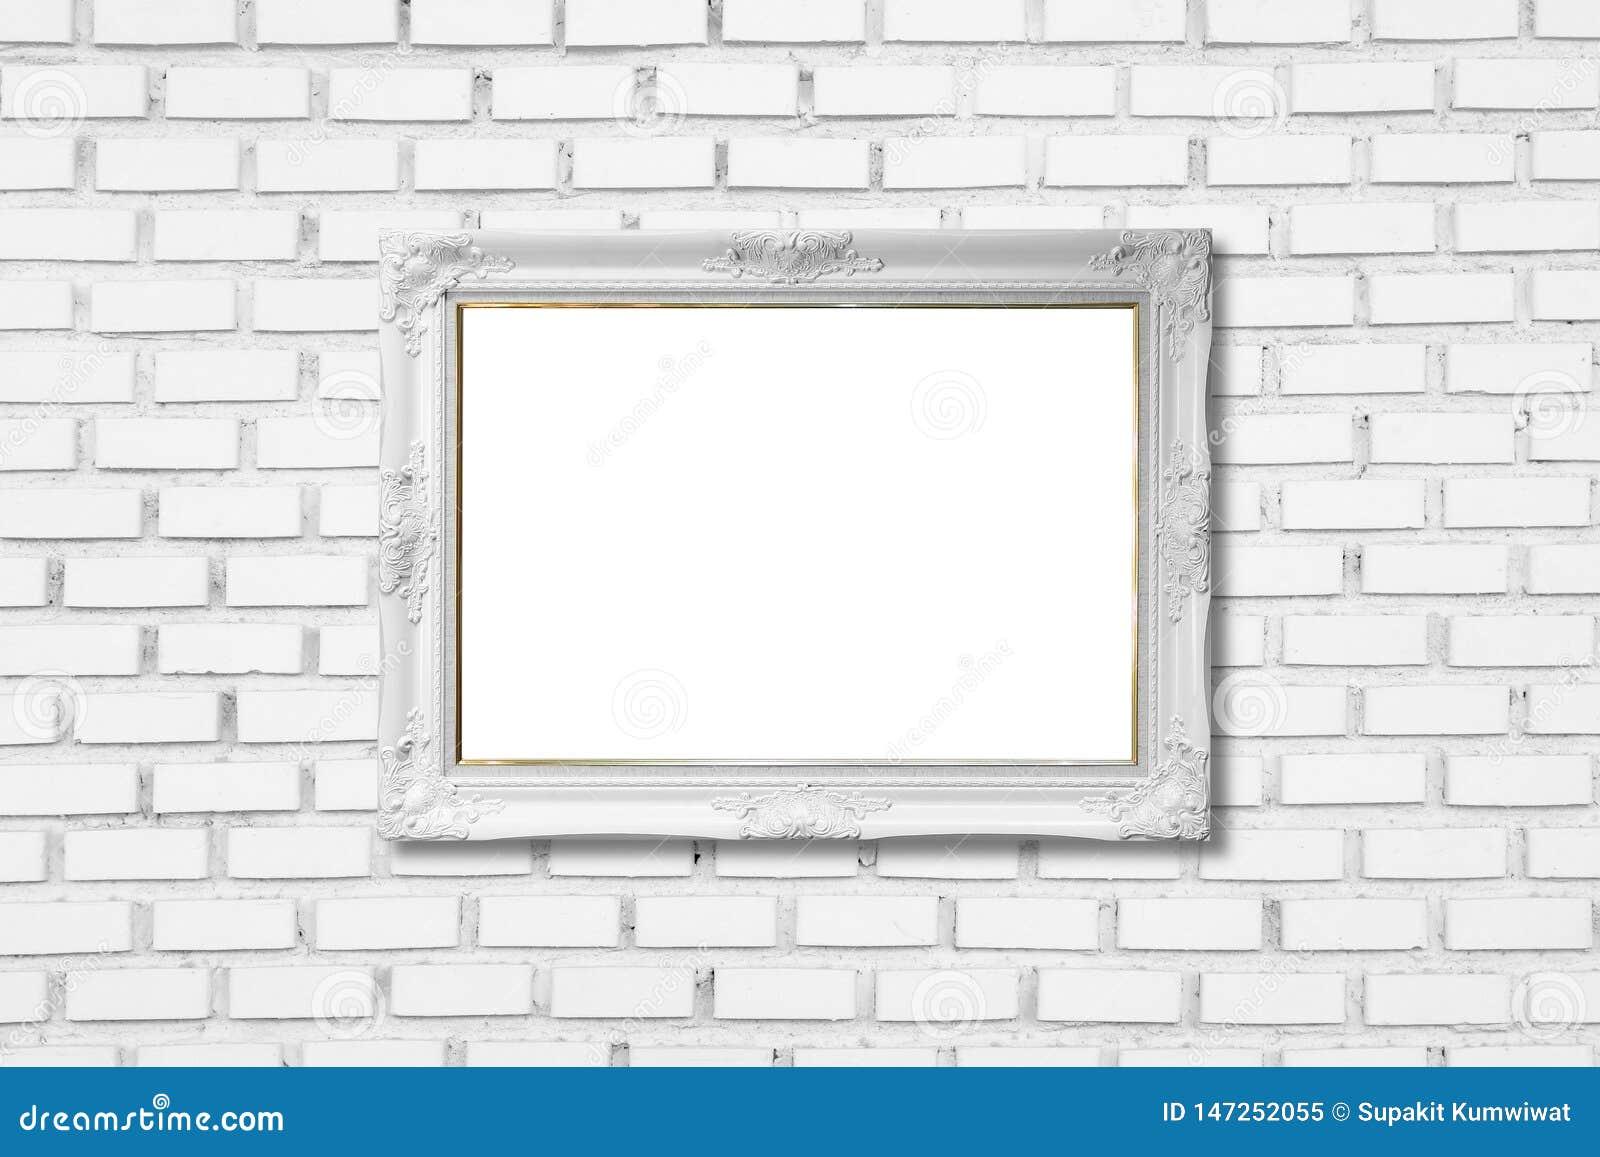 在白色砖墙上的白色框架